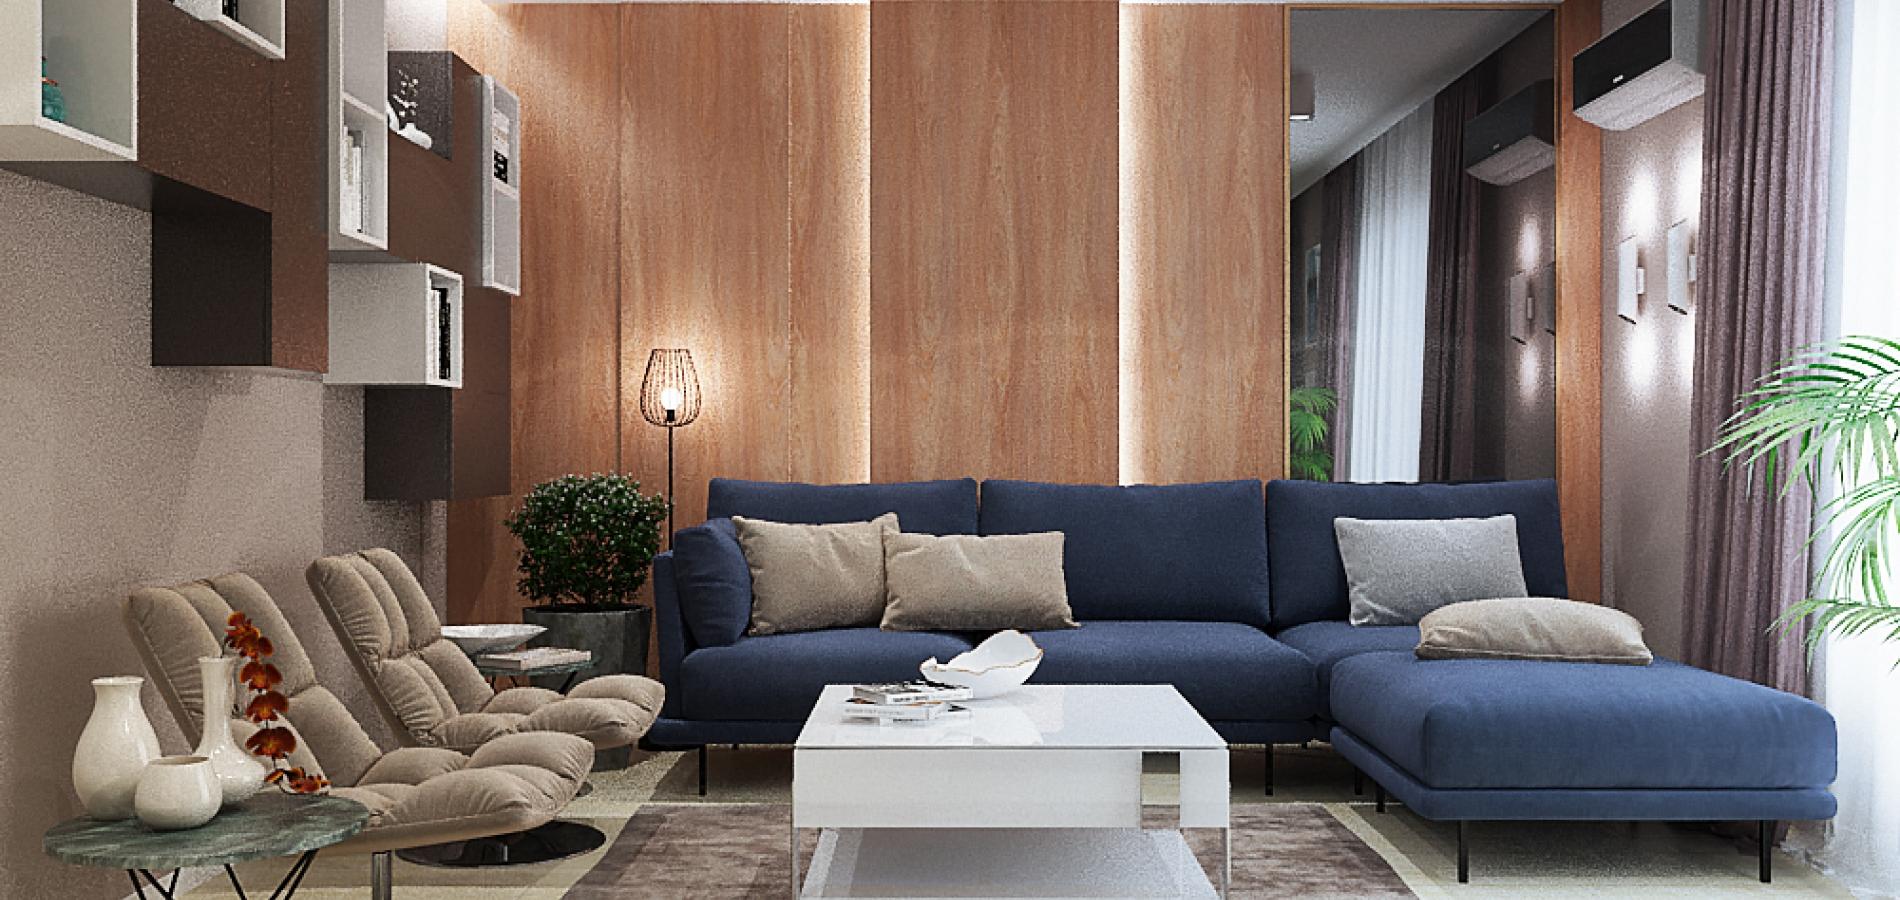 Сучасний дизайн меблів для квартири